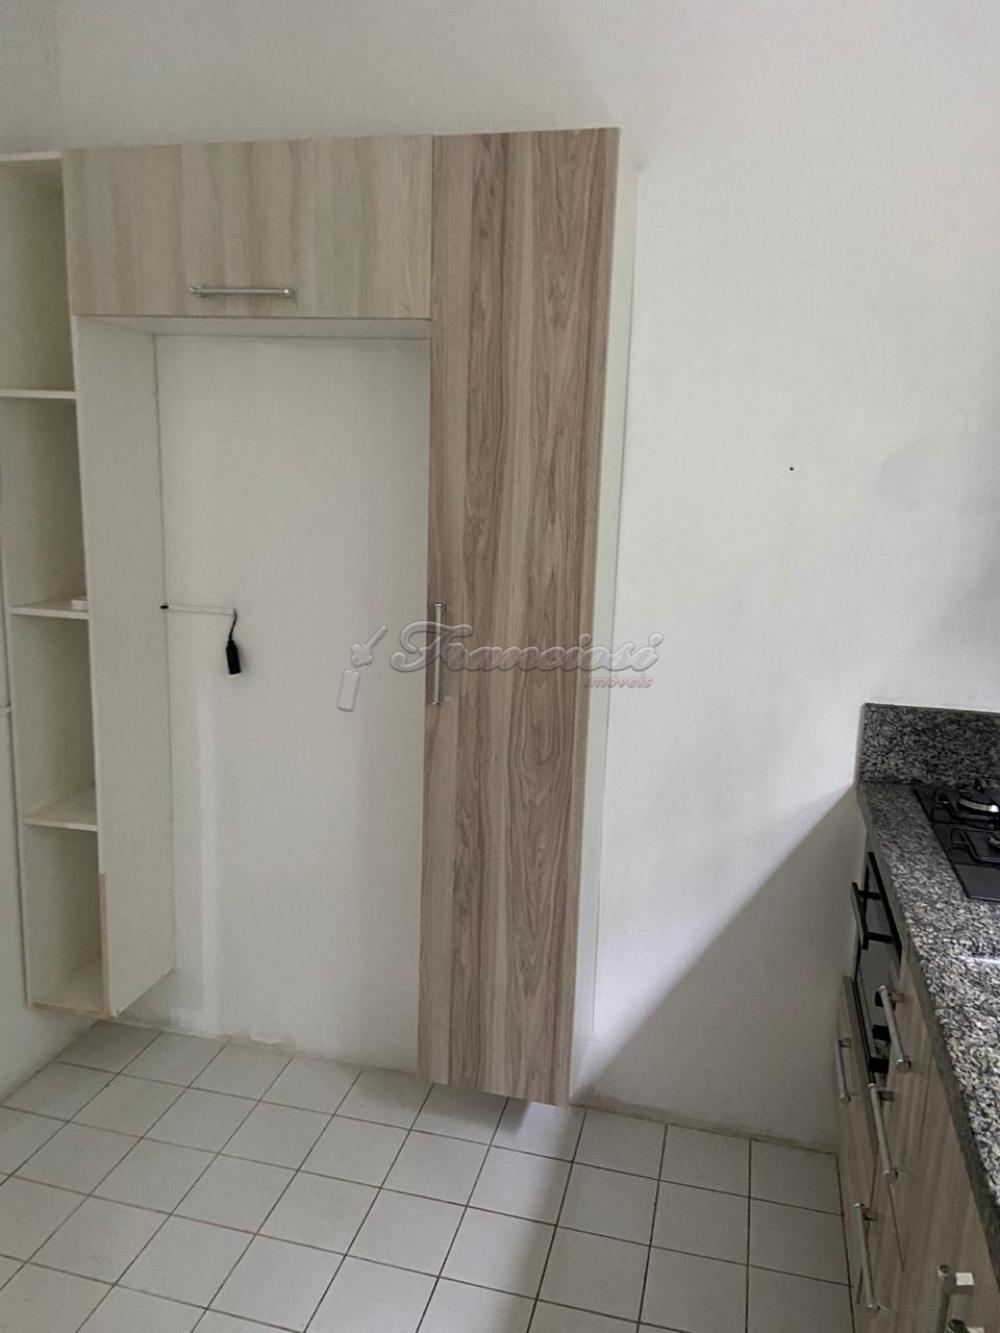 Alugar Apartamento / Padrão em Sorocaba apenas R$ 750,00 - Foto 6